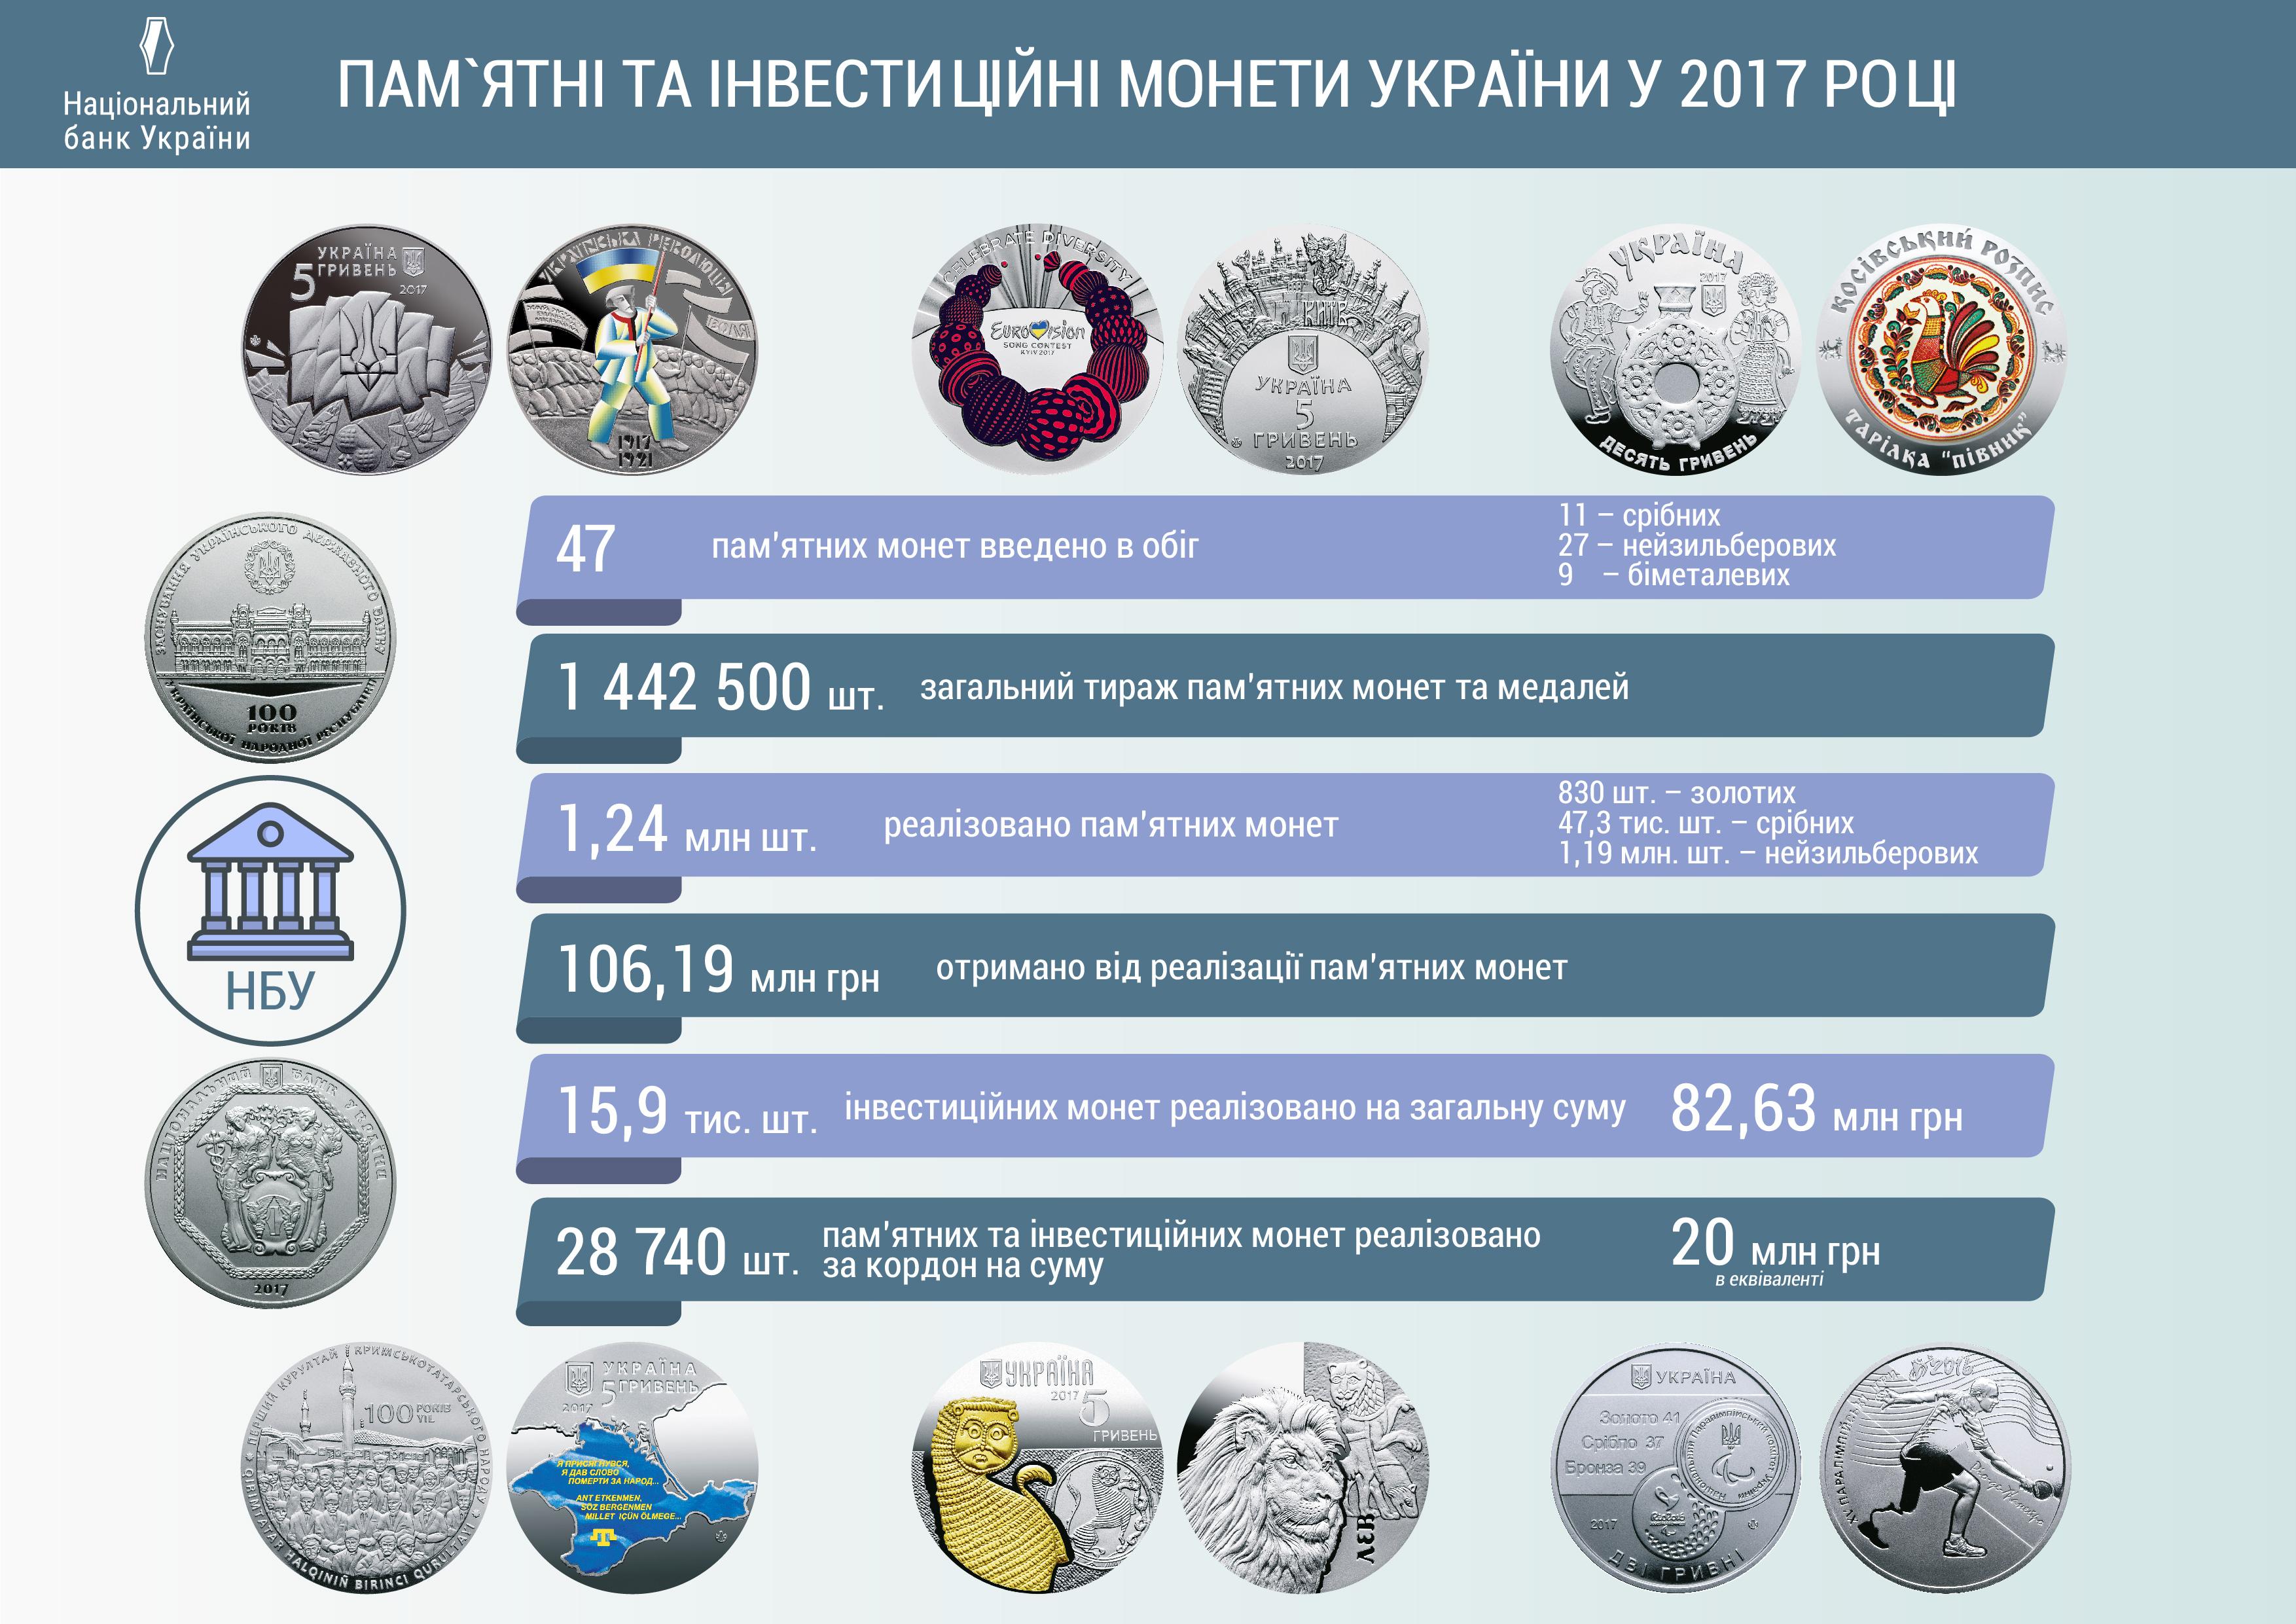 В 2017г НБУ воплотил 1,2 млн монет— Памятные монеты